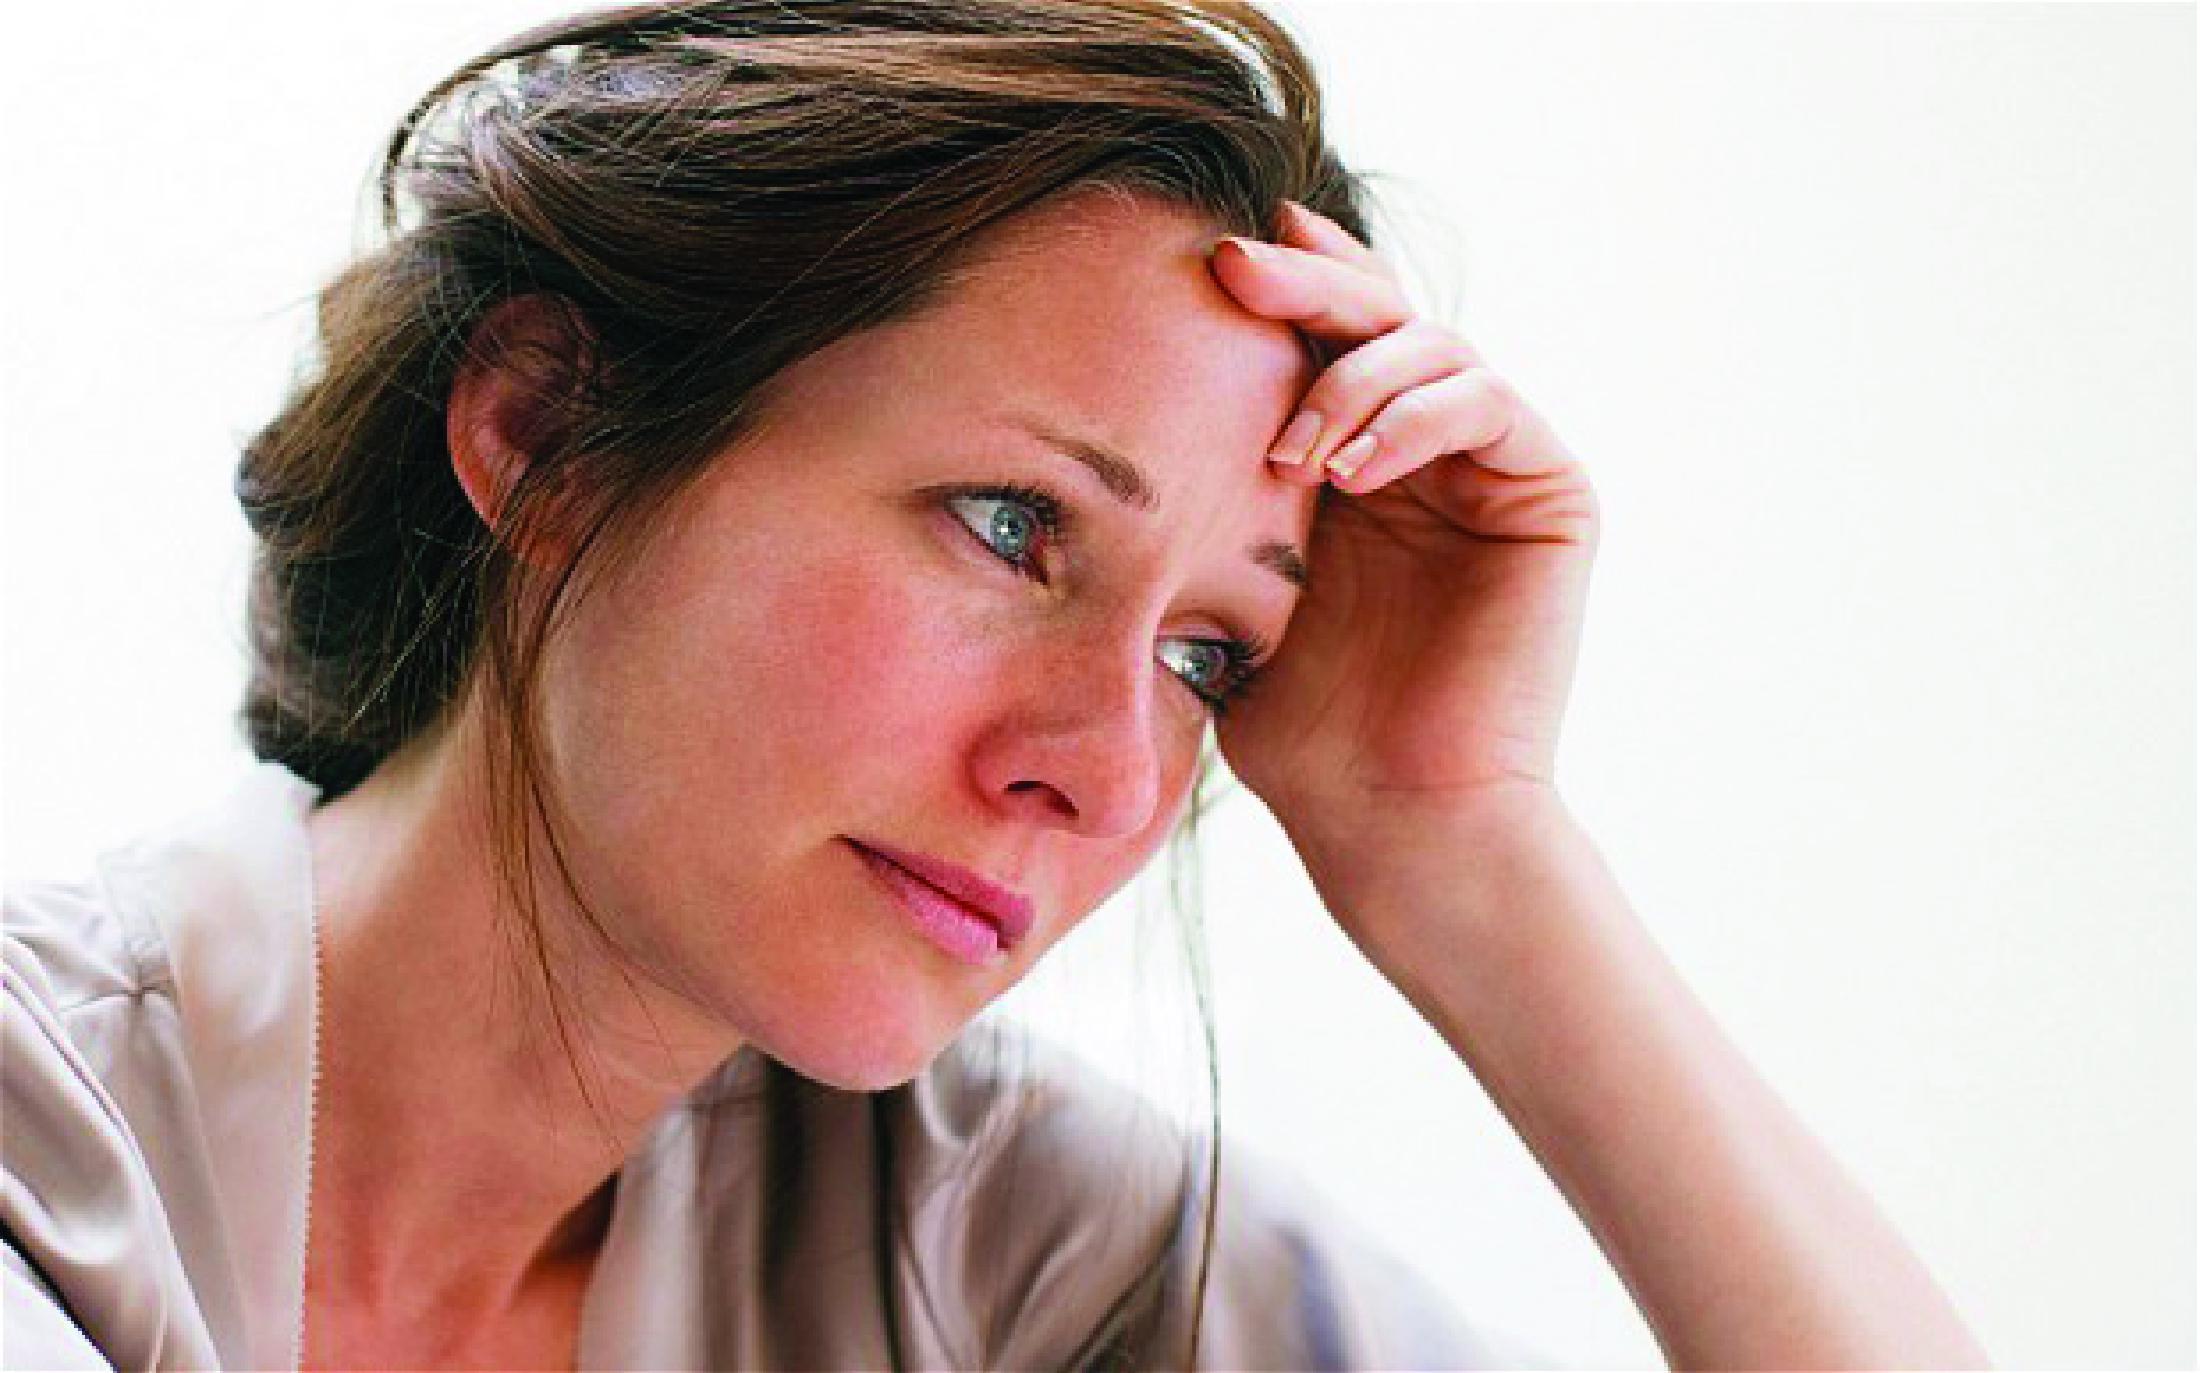 دراسة: شرود الذهن عنصر أساسي في الاصابة بالأرق